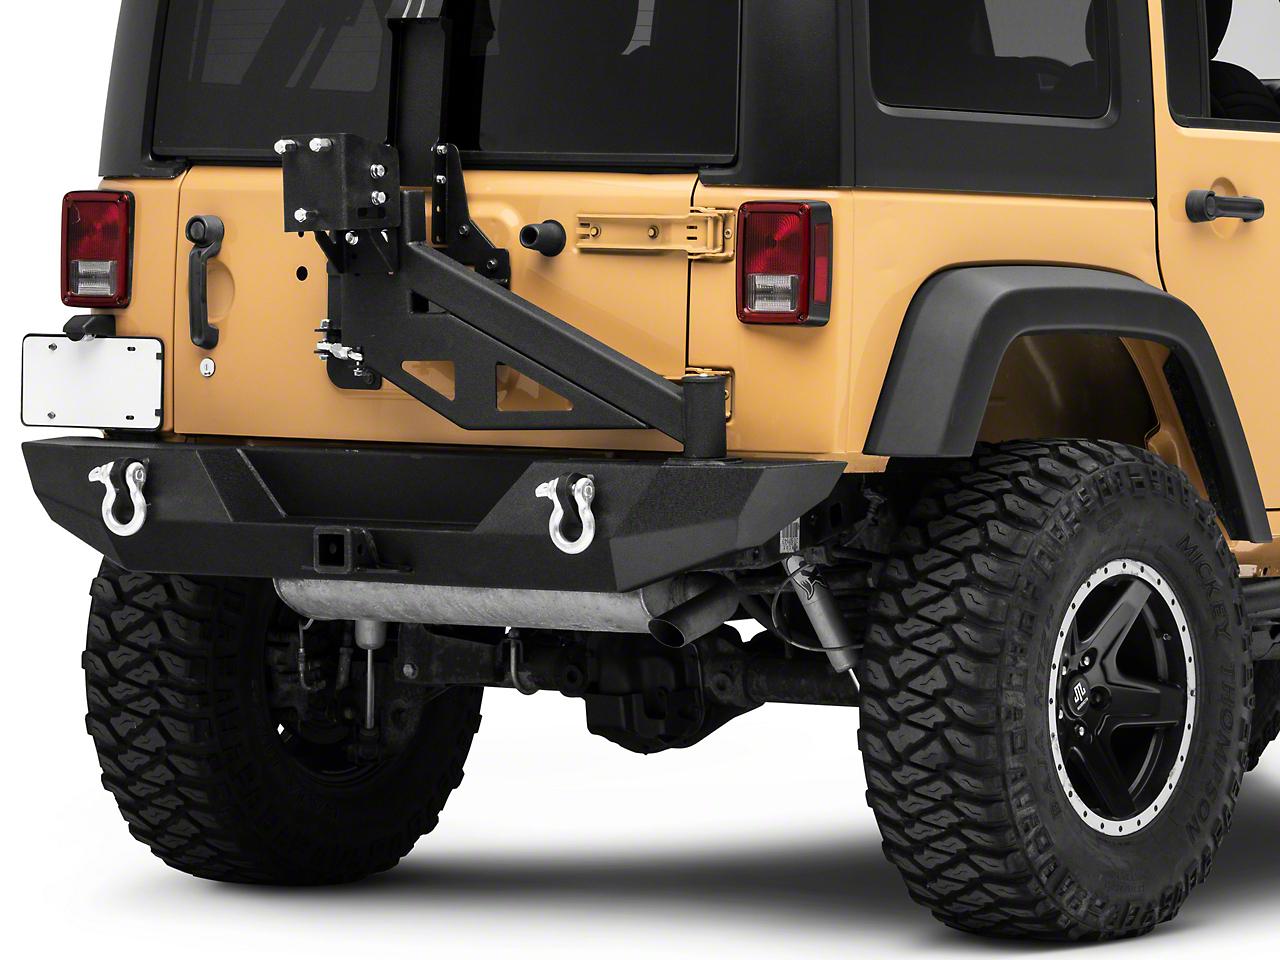 Barricade Trail Force HD Rear Bumper w/ E-Z Open Tire Carrier (07-18 Wrangler JK)